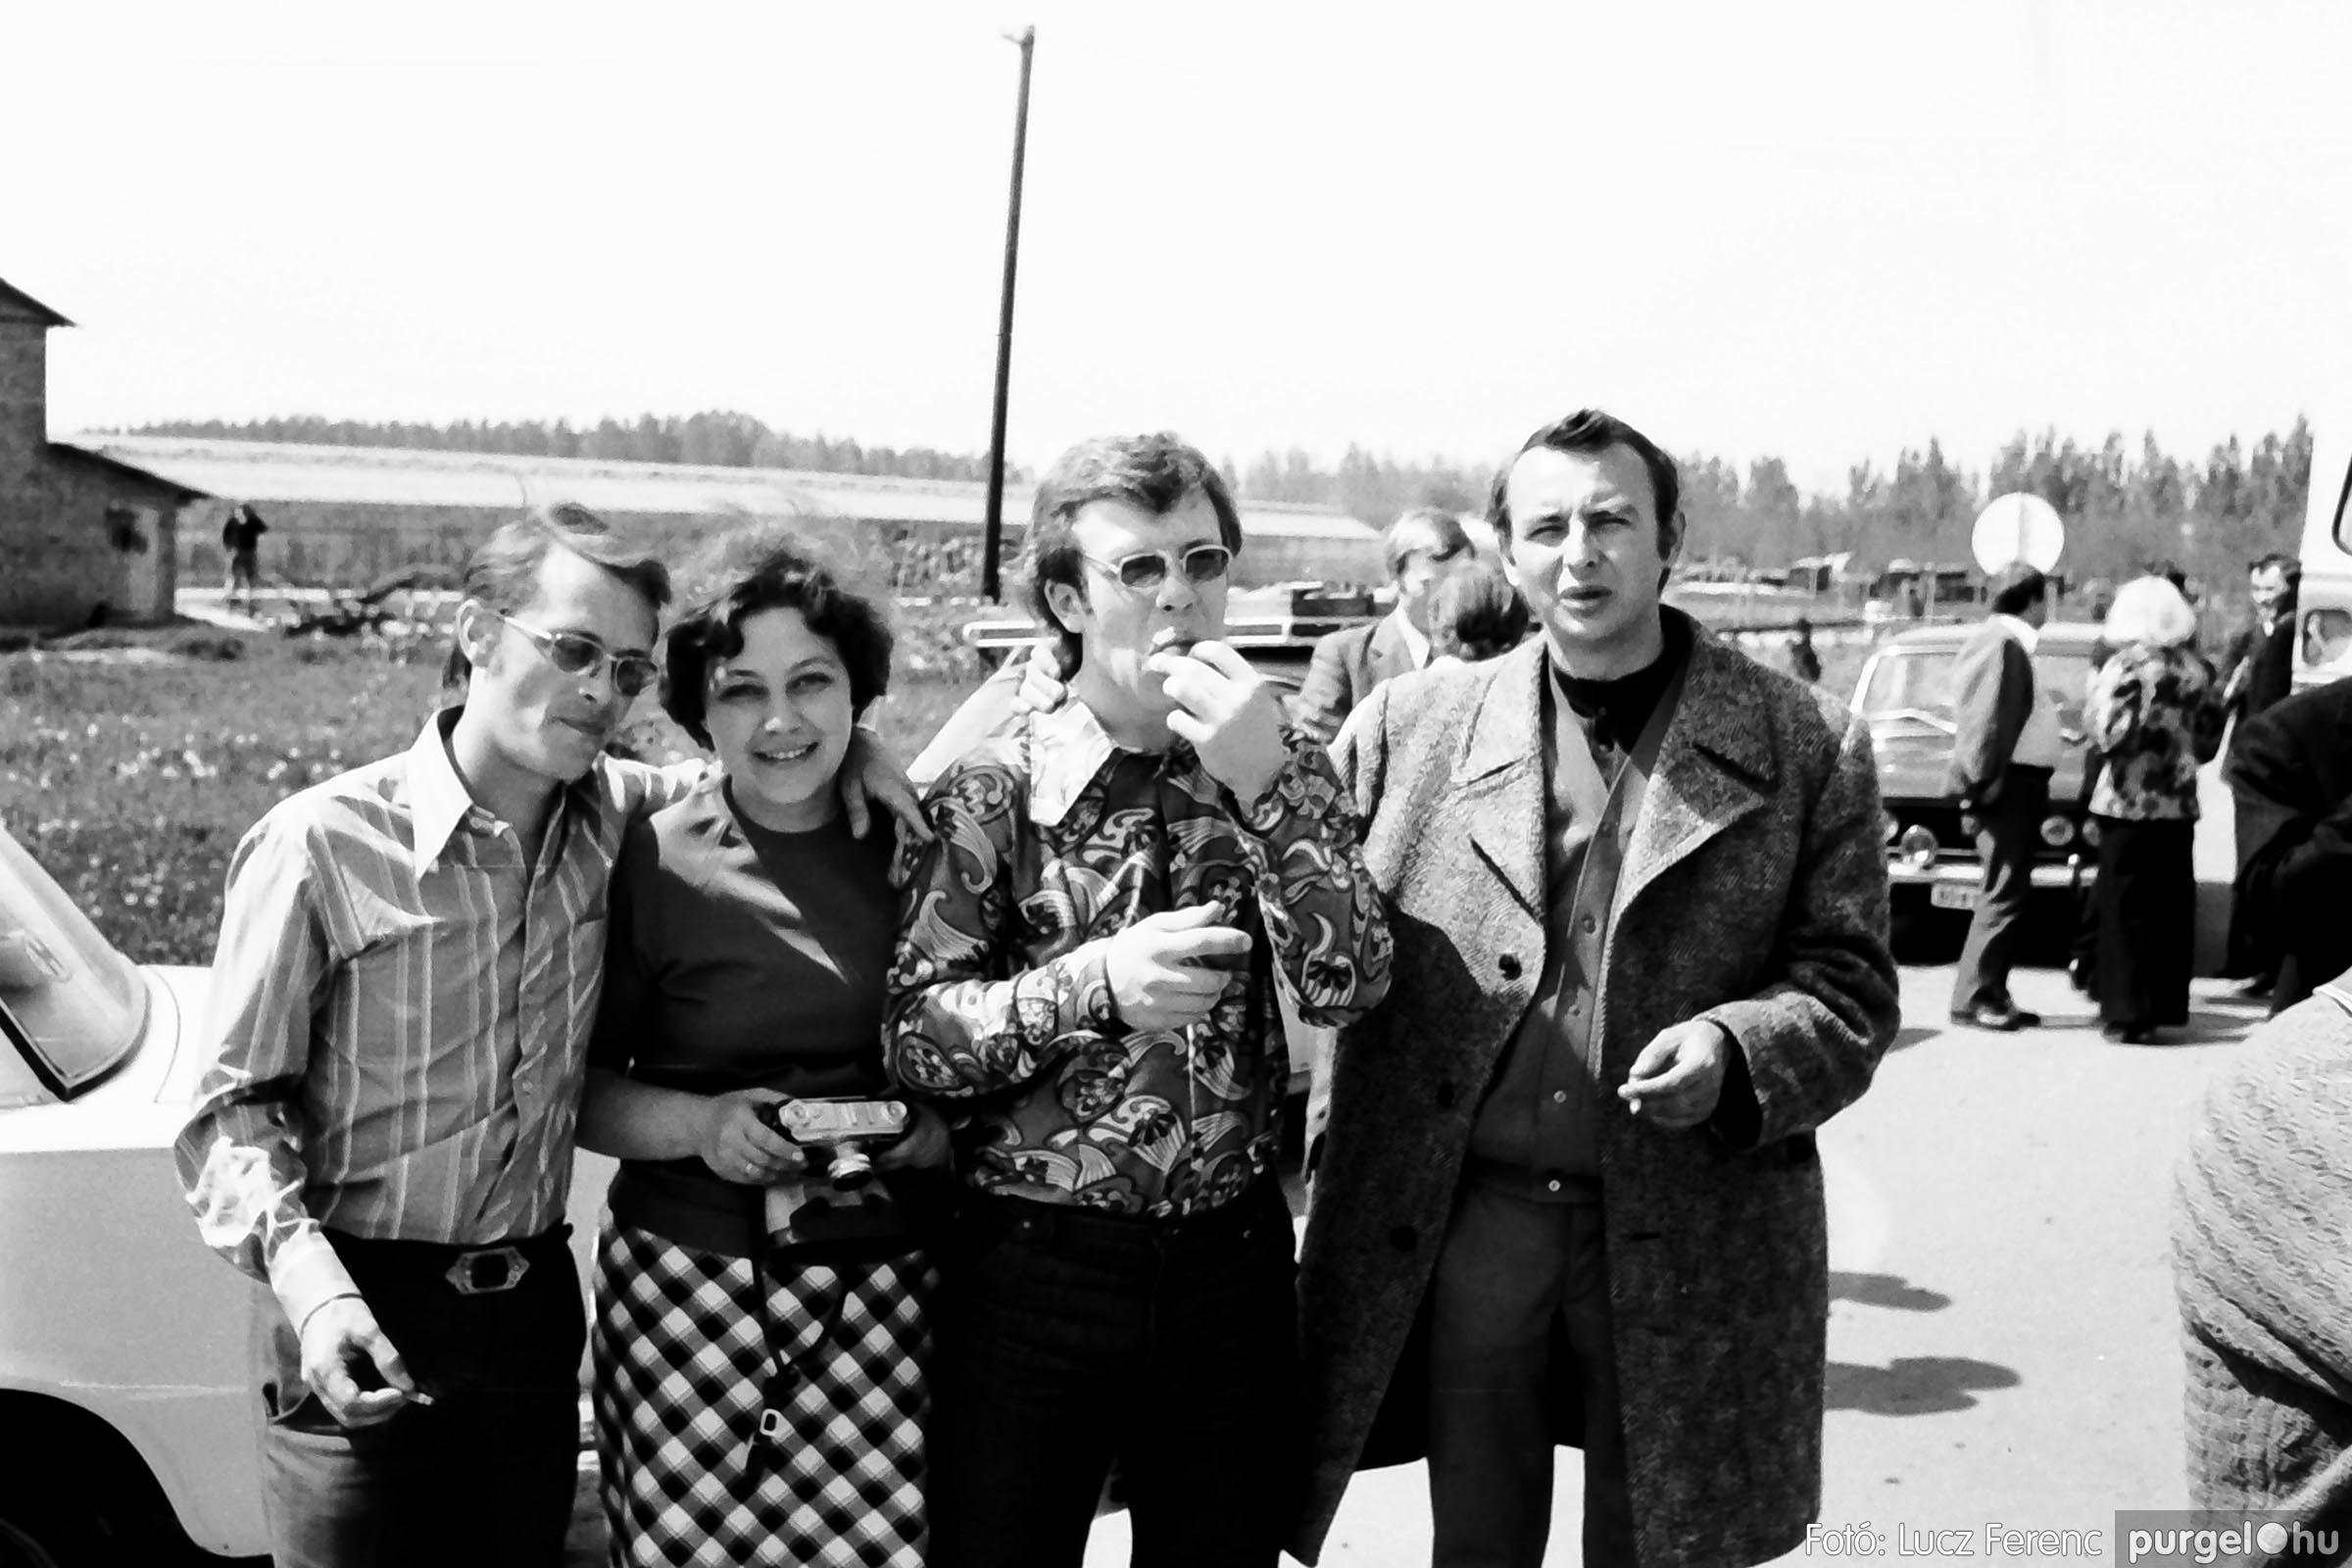 013 1975.04. A felszabadulási munkaverseny győztes üzeme 027 - Fotó: Lucz Ferenc IMG00134q.jpg